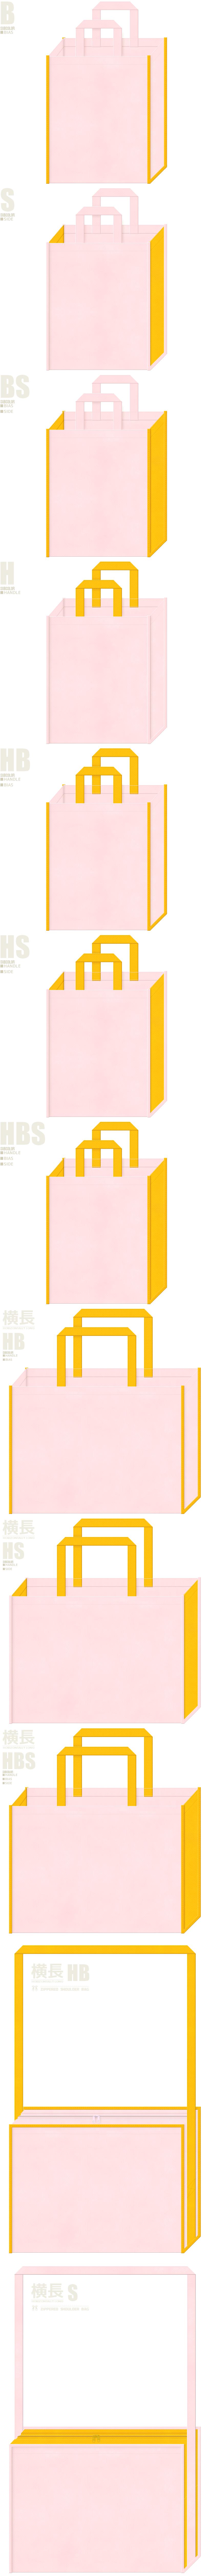 桜色と黄色、7パターンの不織布トートバッグ配色デザイン例。